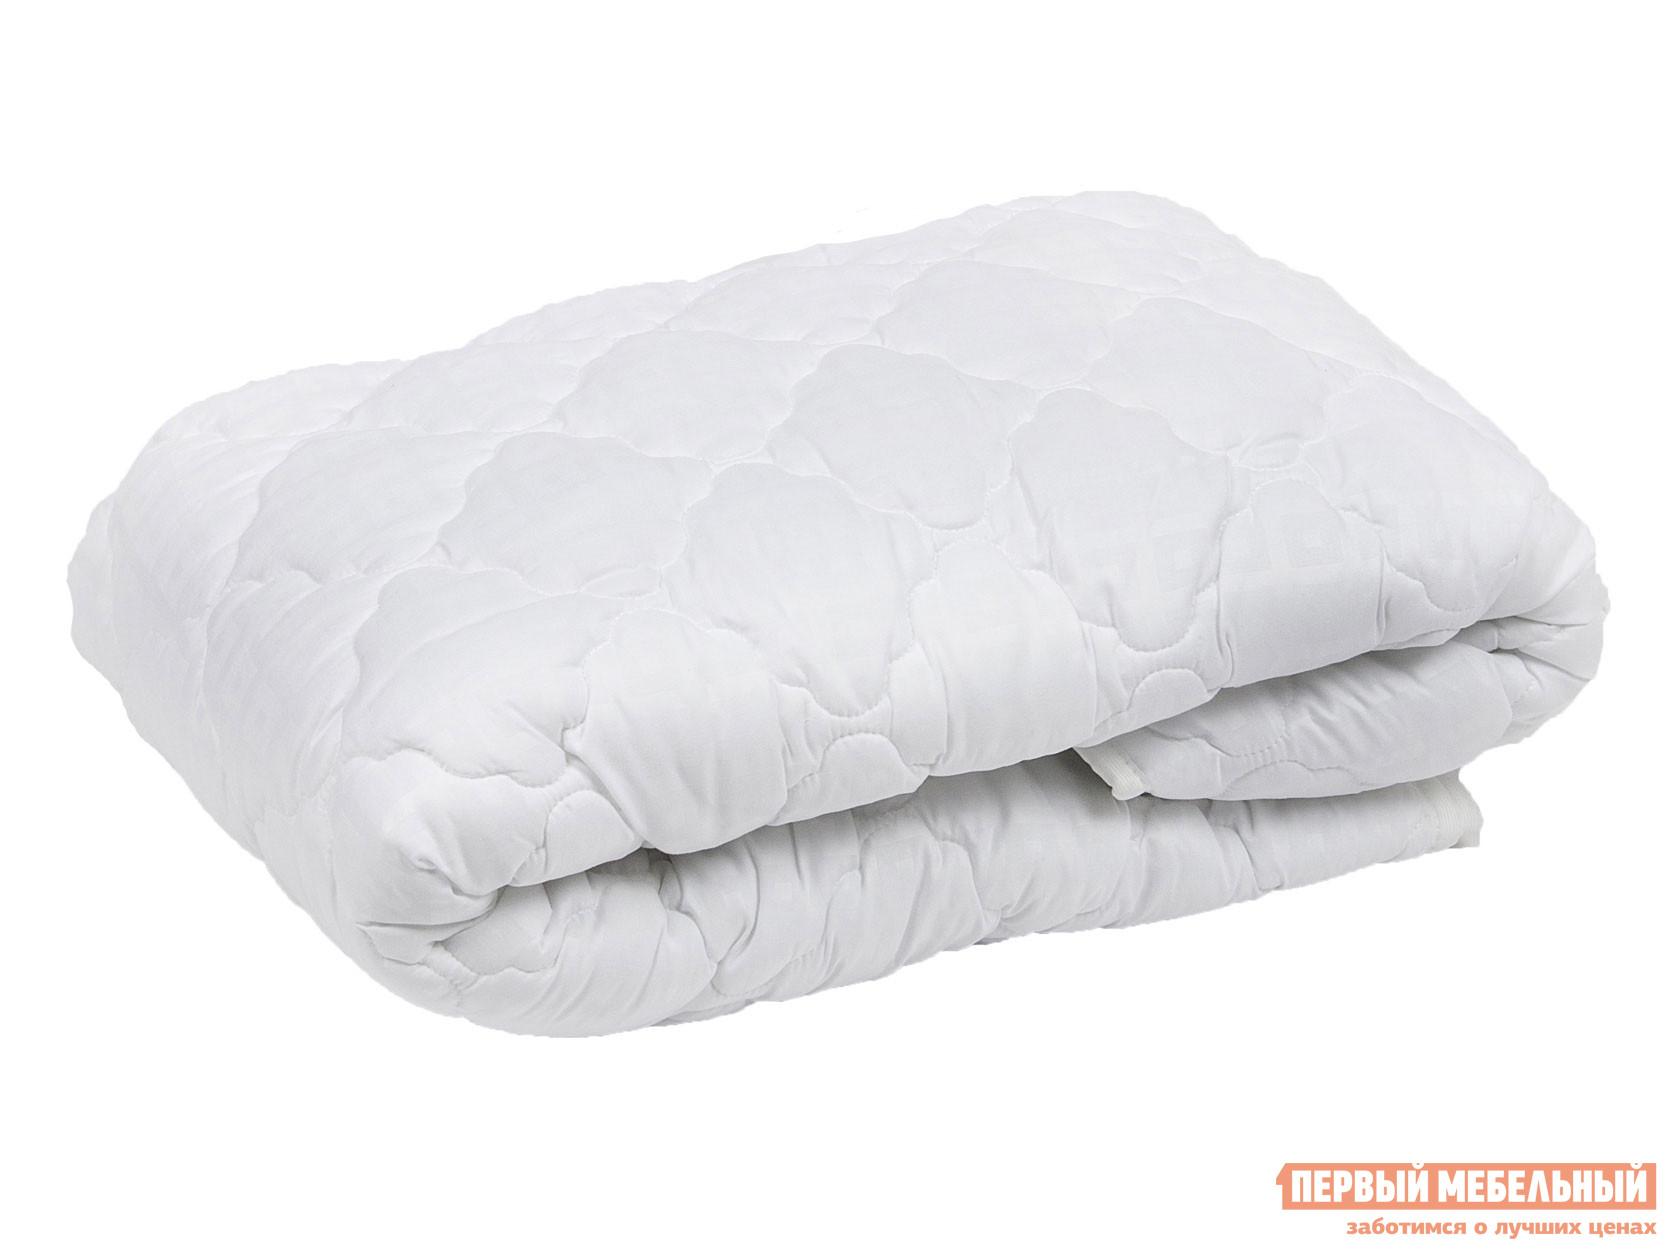 Детское одеяло Первый Мебельный Одеяло микрофибра/эвкалиптовое волокно 150г/м2, легкое, 110х140